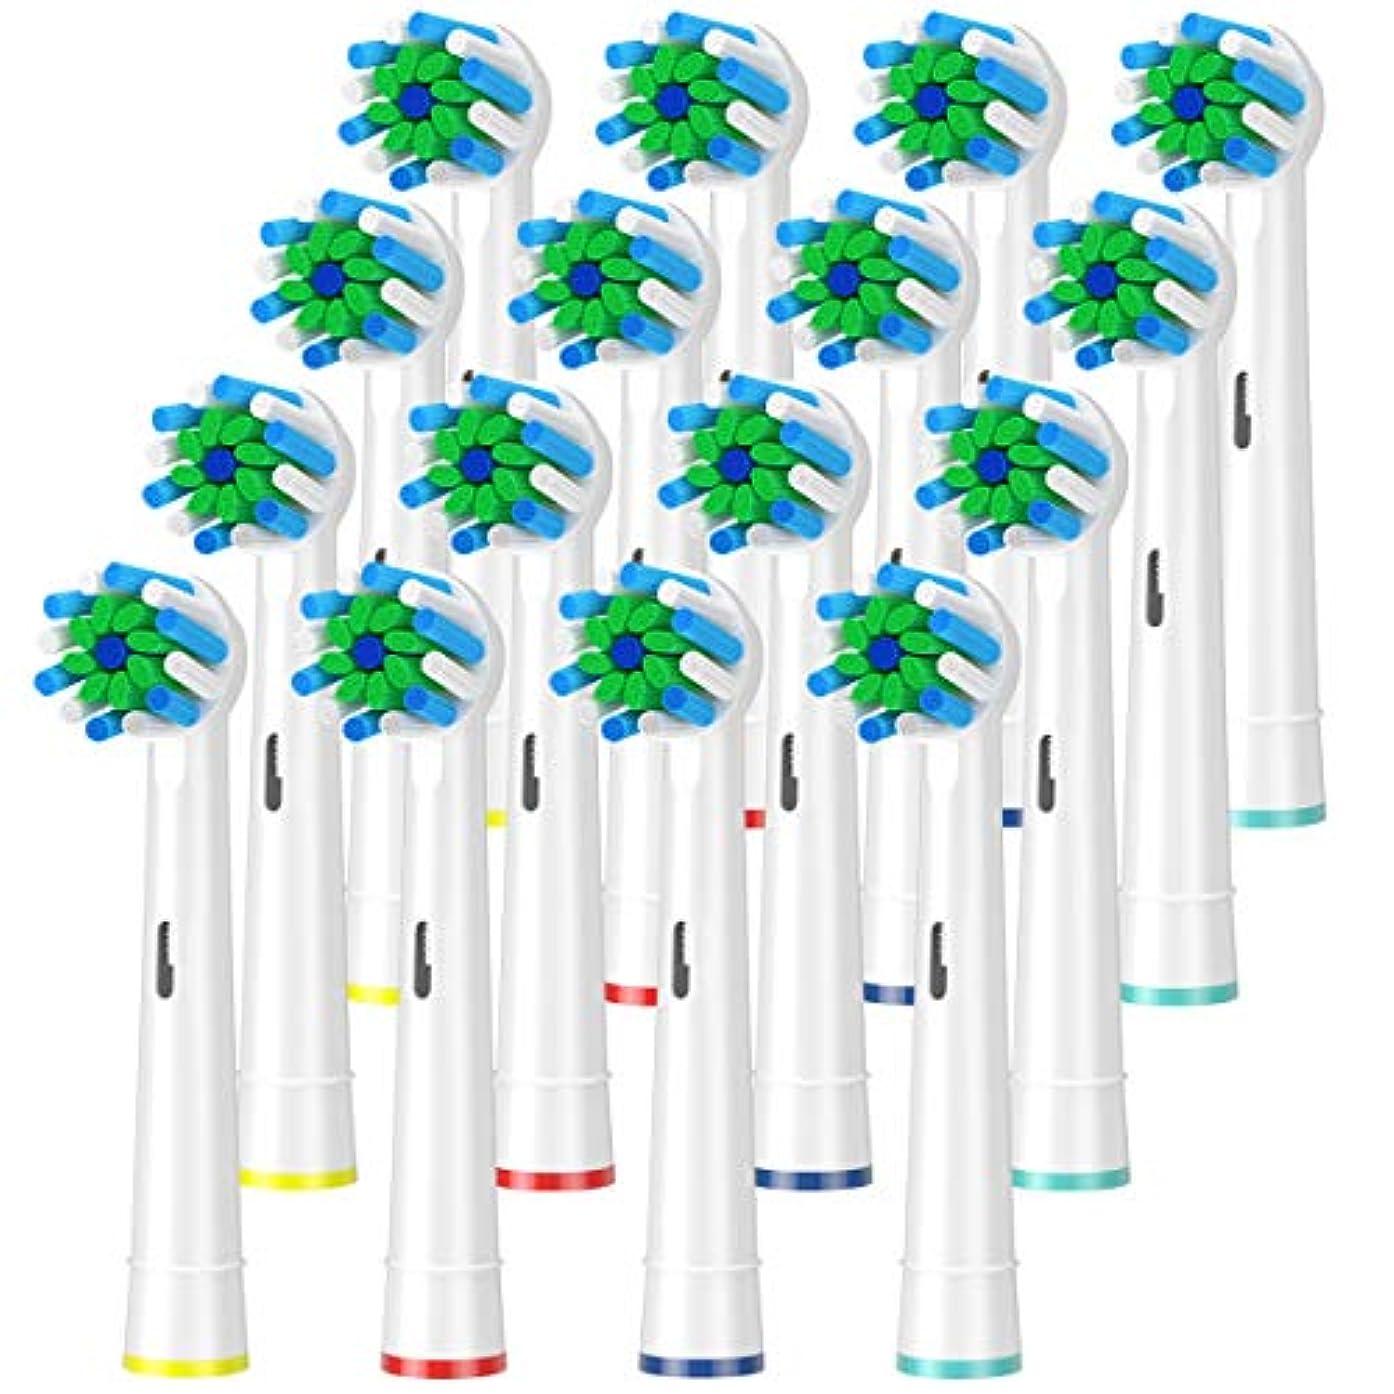 協同タンク暗黙ITECHNIK ブラウン 電動歯ブラシ 対応 替えブラシ ブラウン オーラルB 替えブラシ Action cross(16)